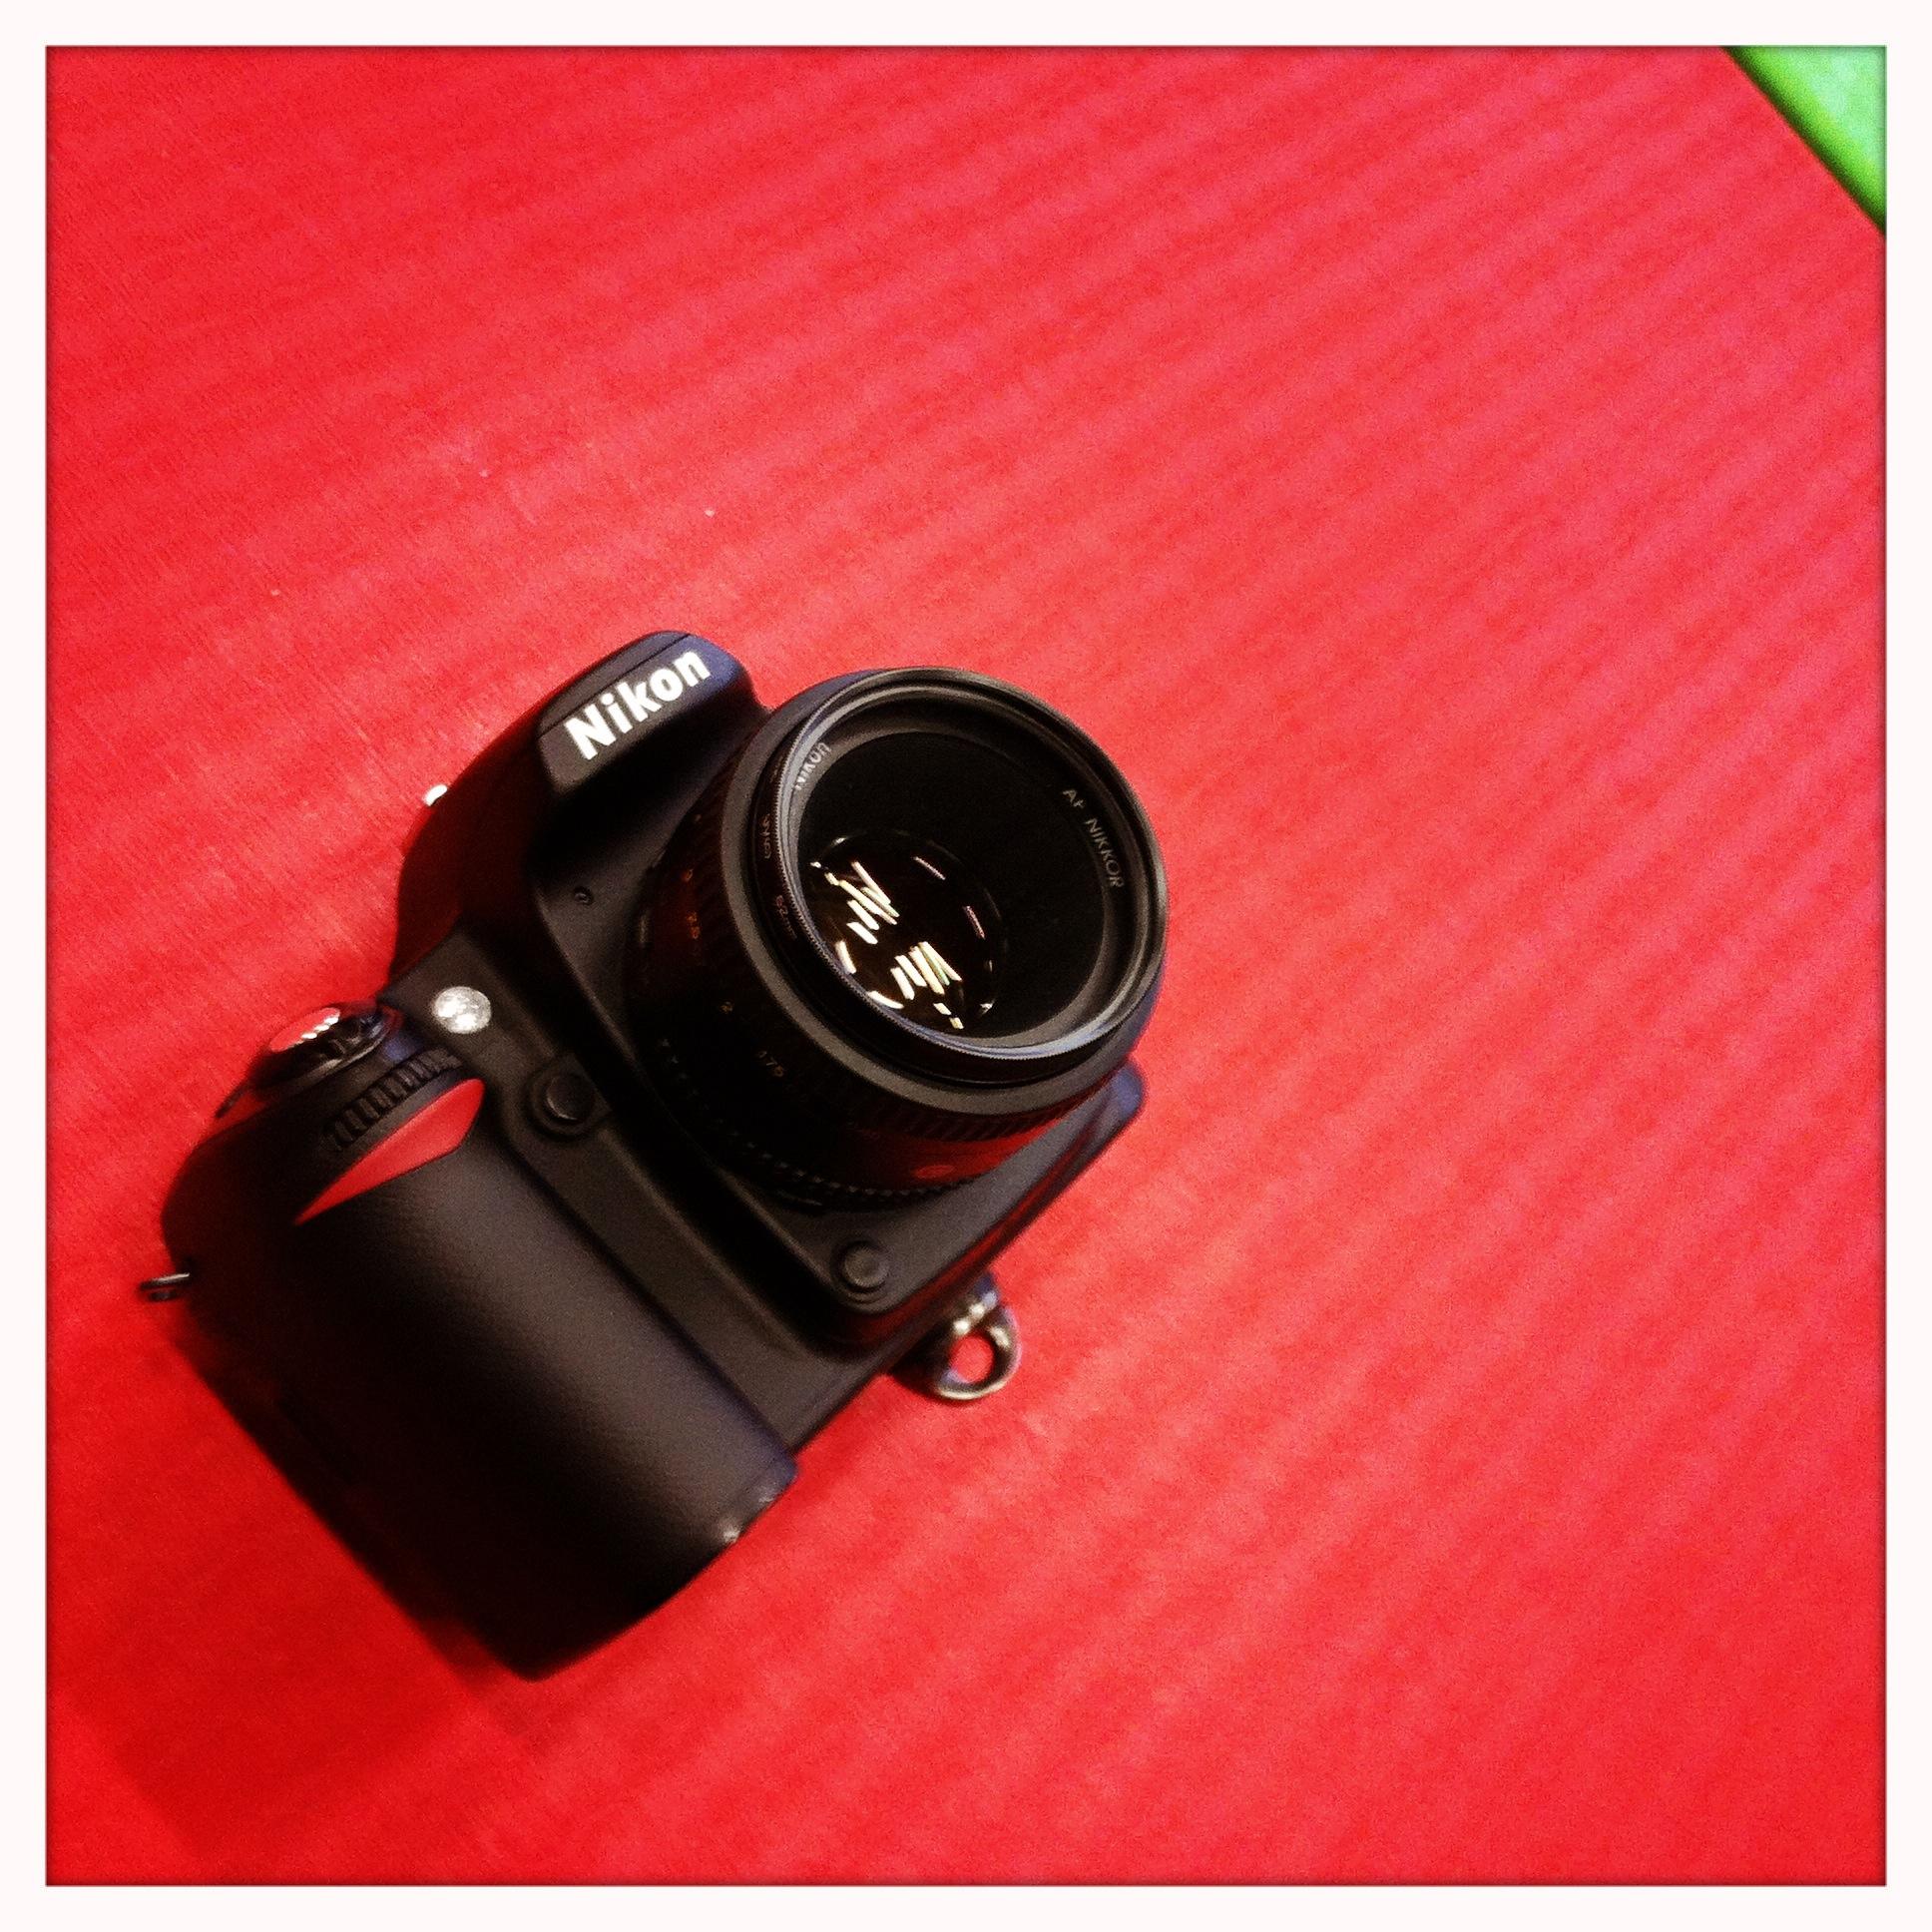 Nikon D80 50 mm F1.8